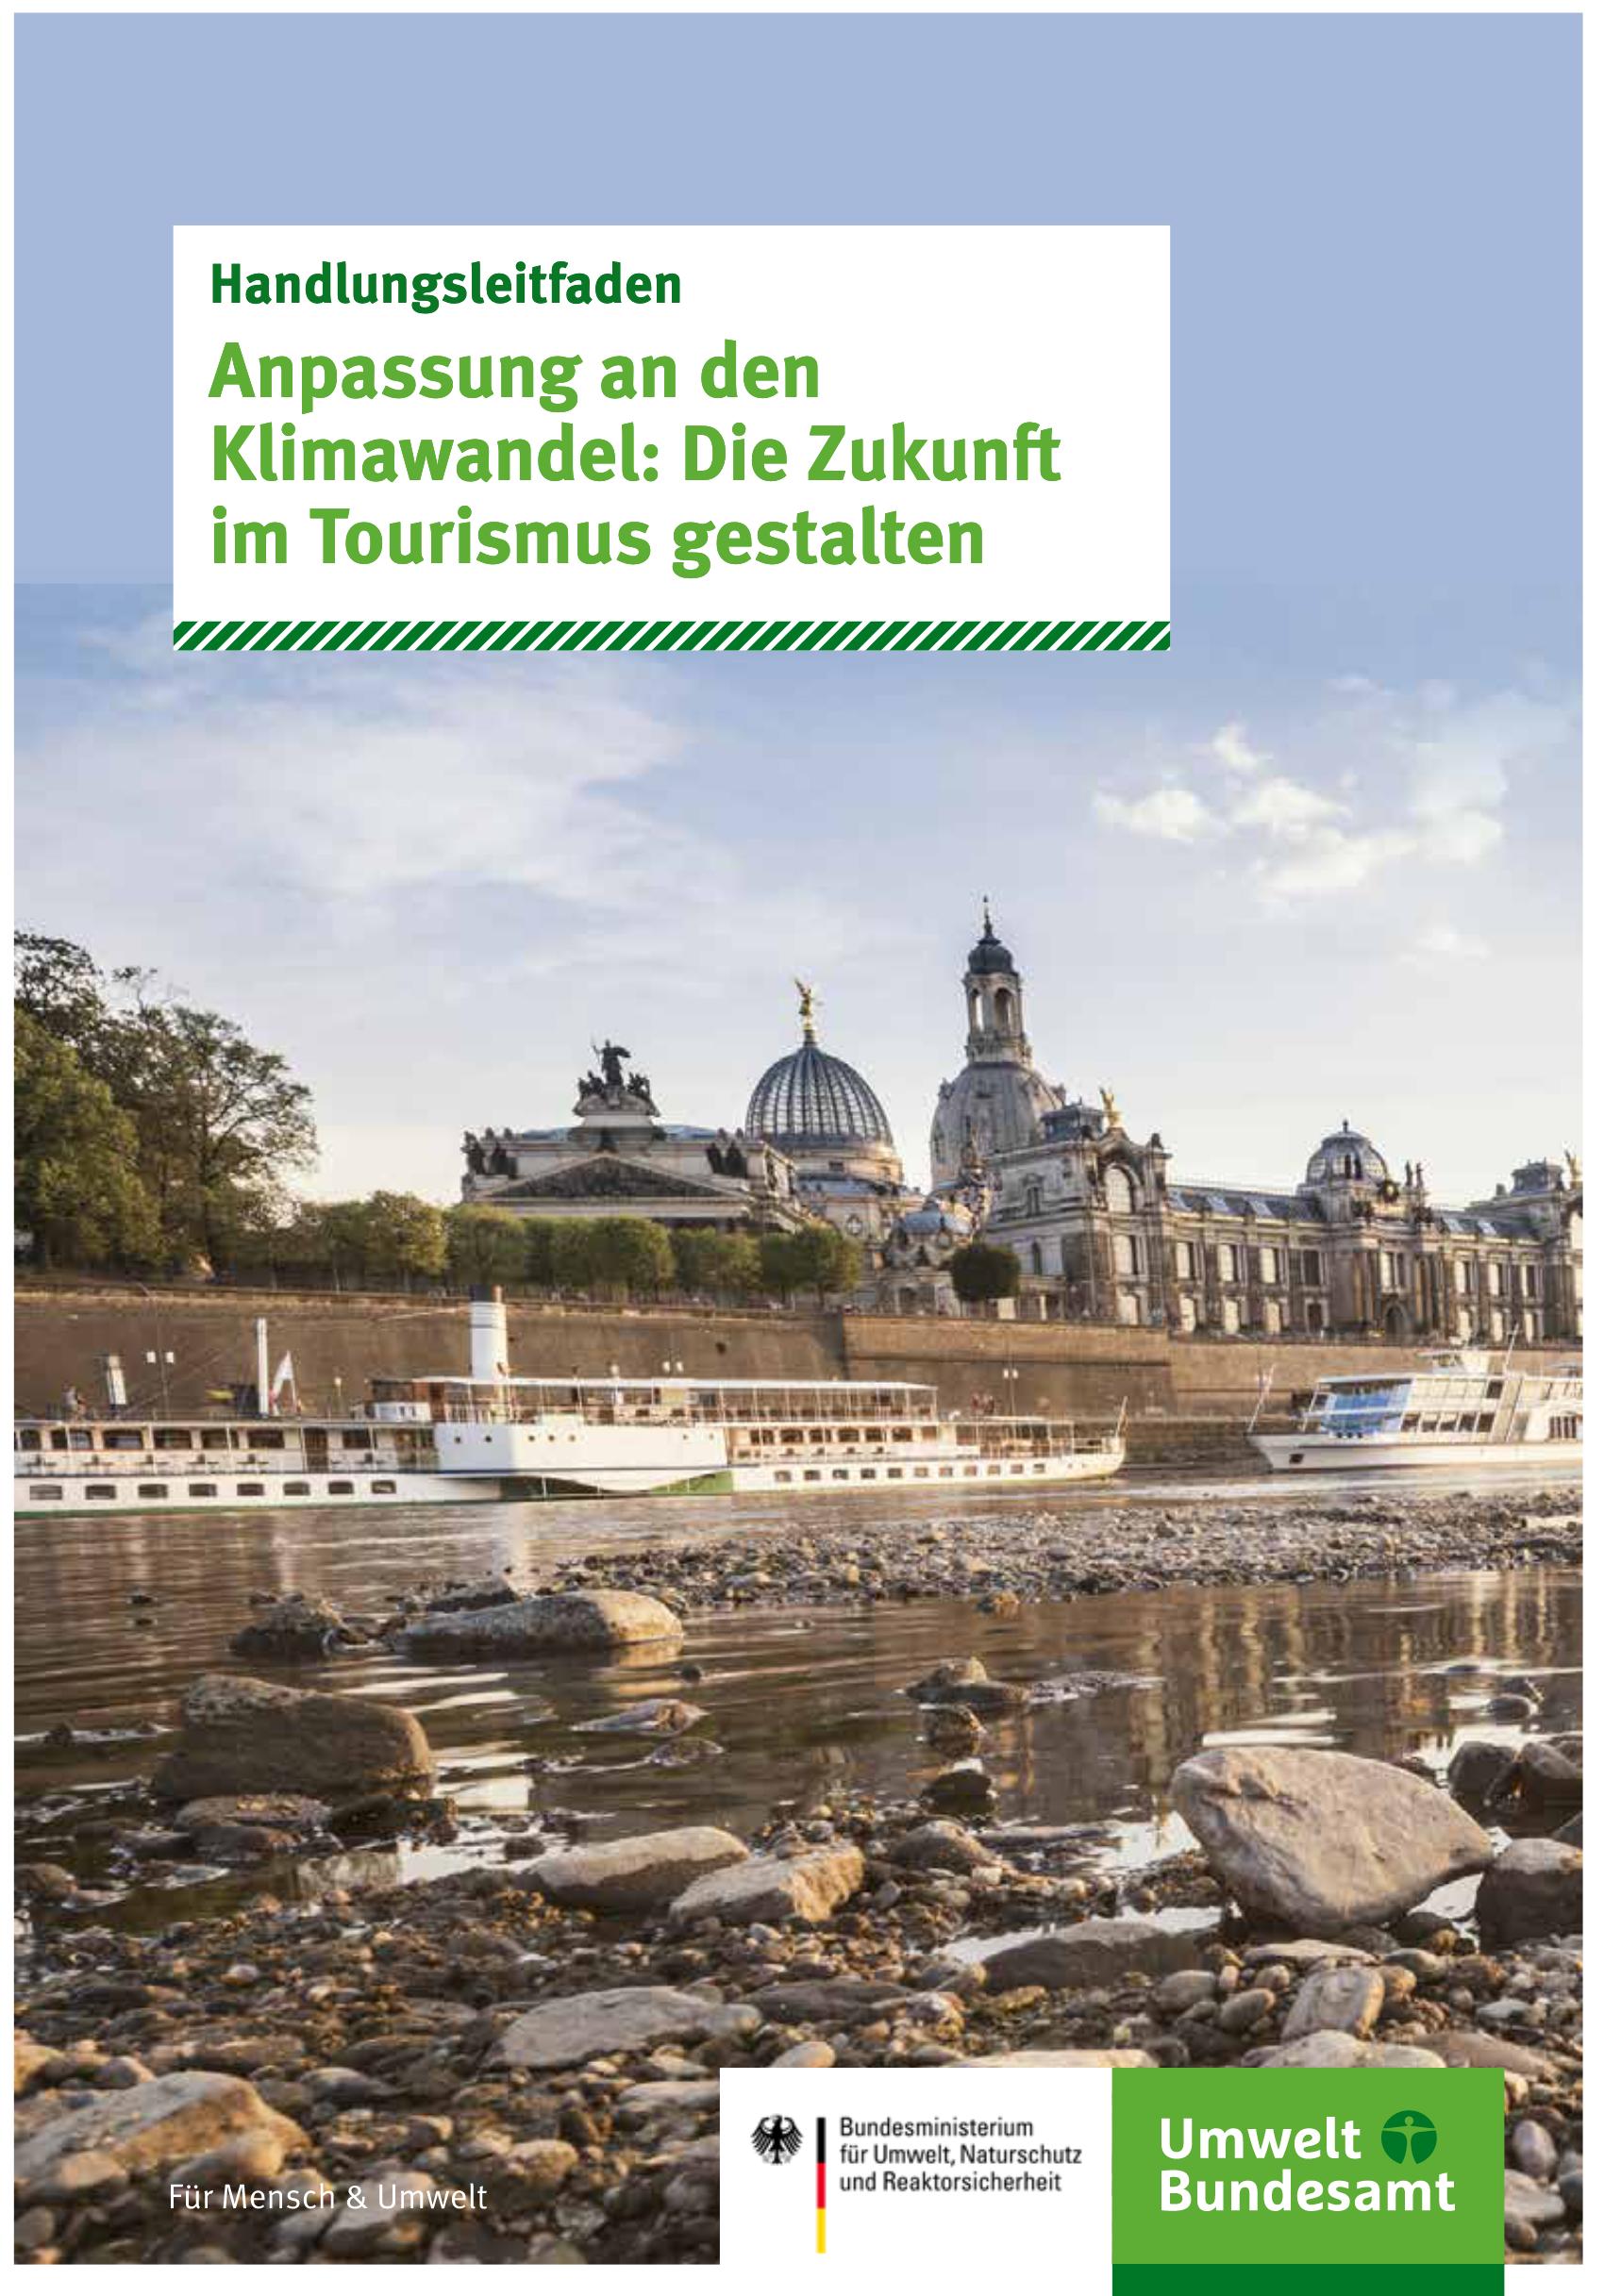 Handlungsleitfaden Tourismus und Klimawandel